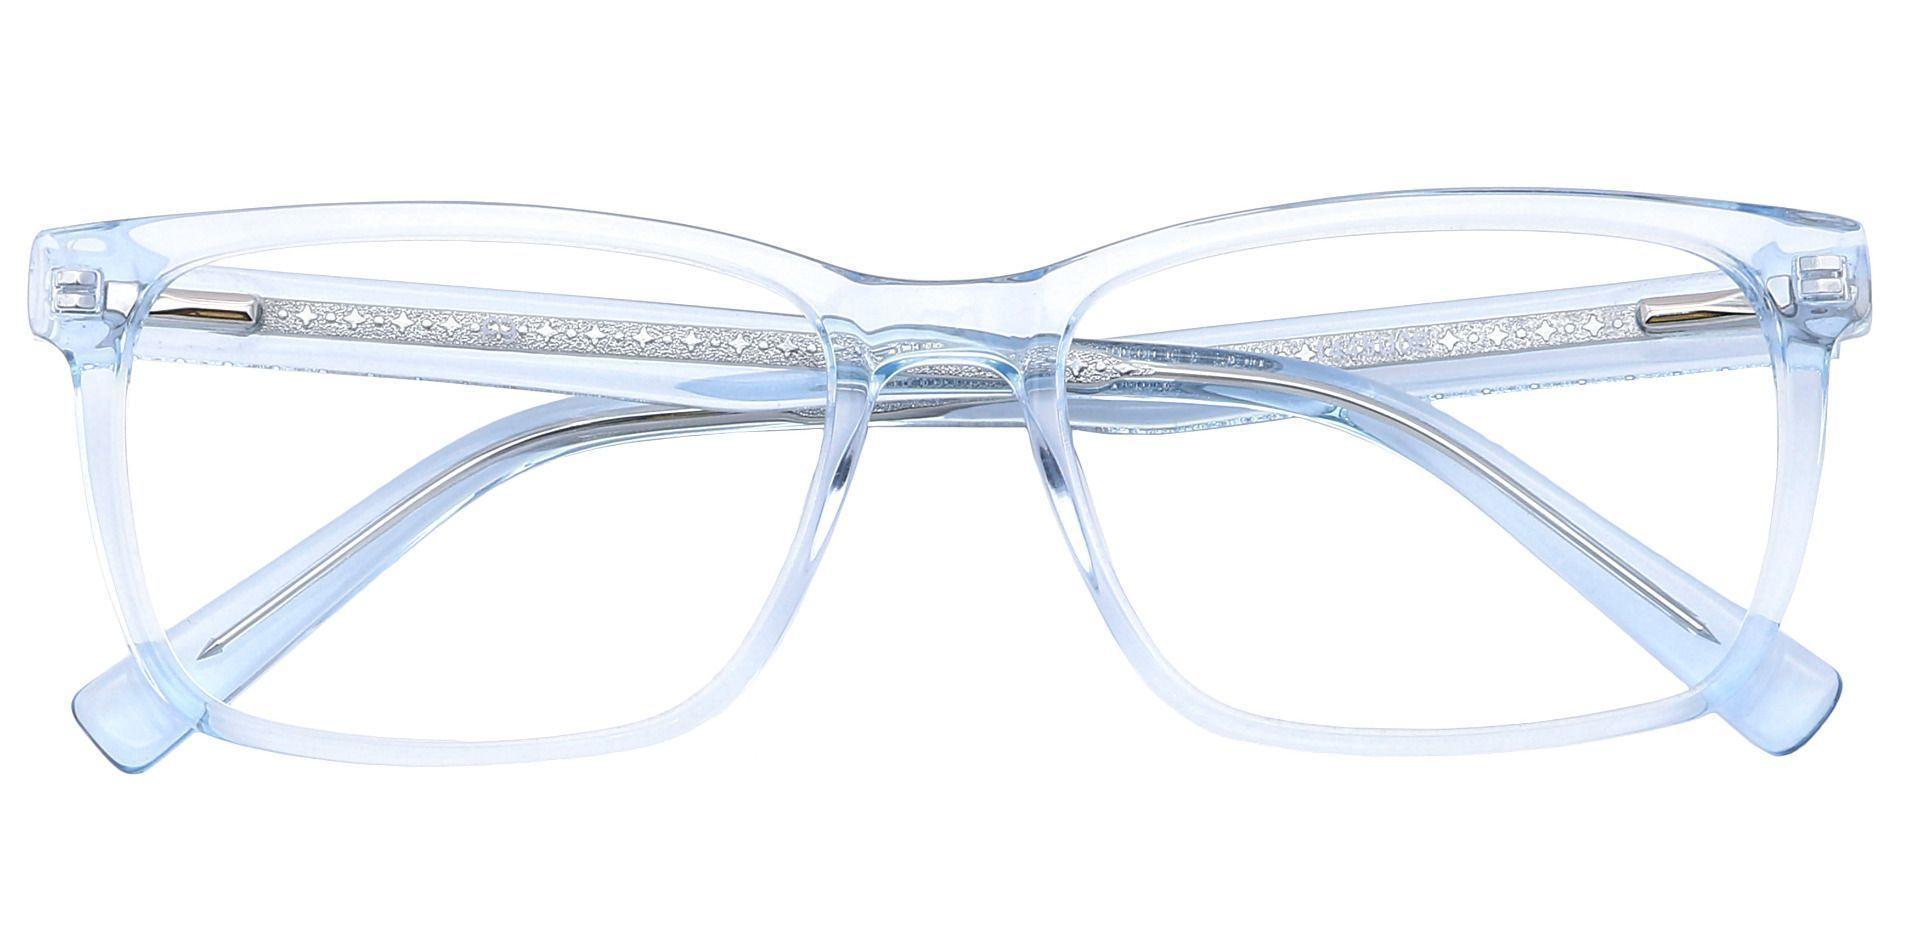 Galaxy Rectangle Non-Rx Glasses - Blue